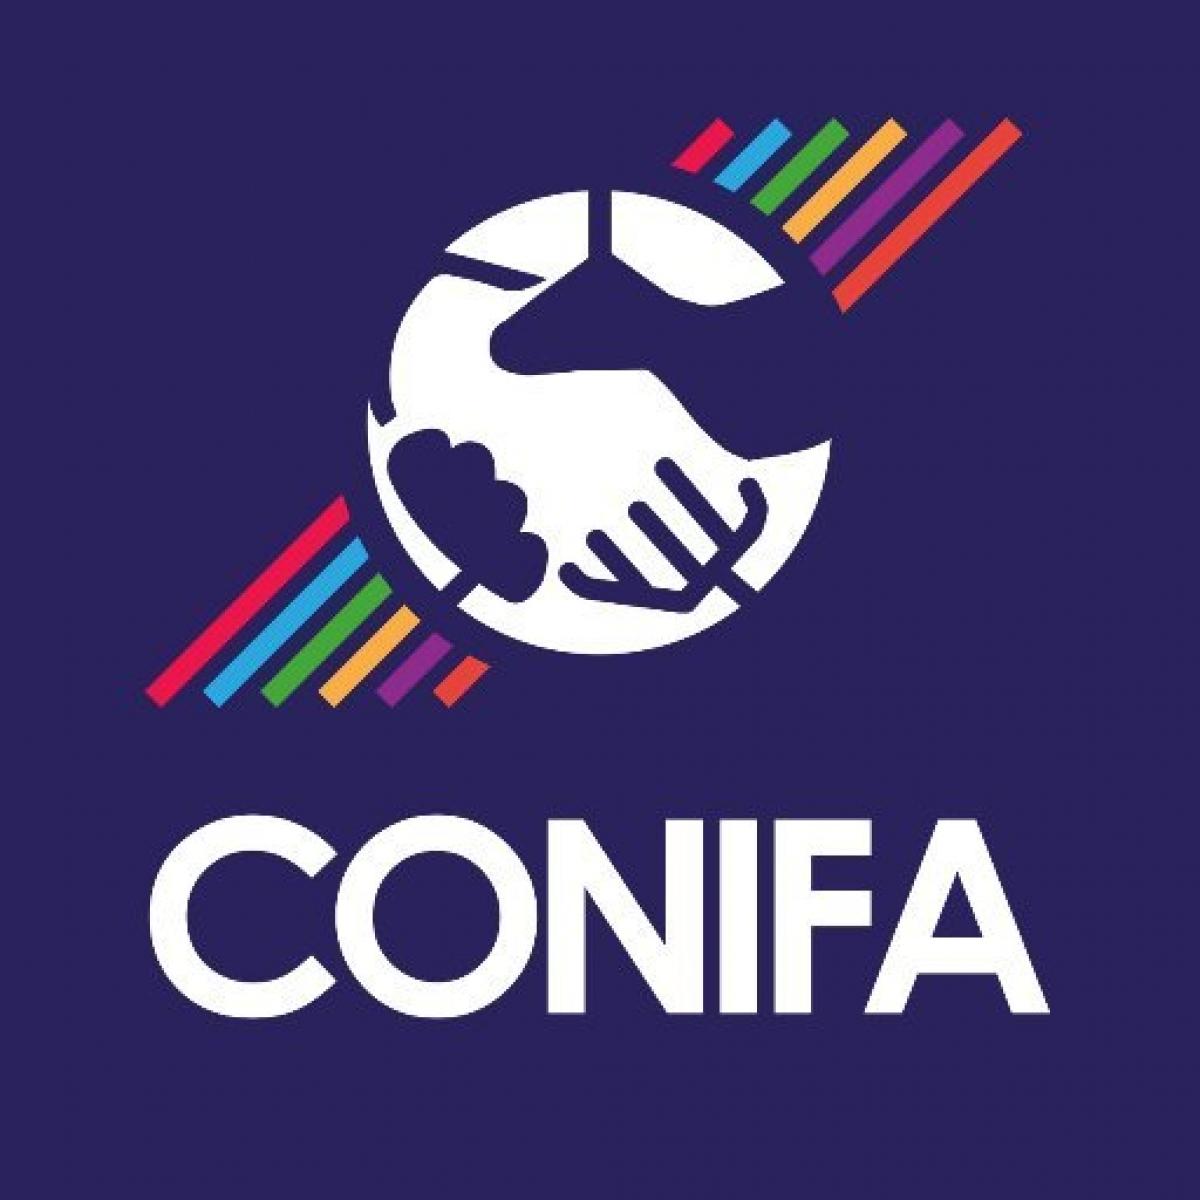 Чемпионат мира по футболу CONIFA-2020 отменен